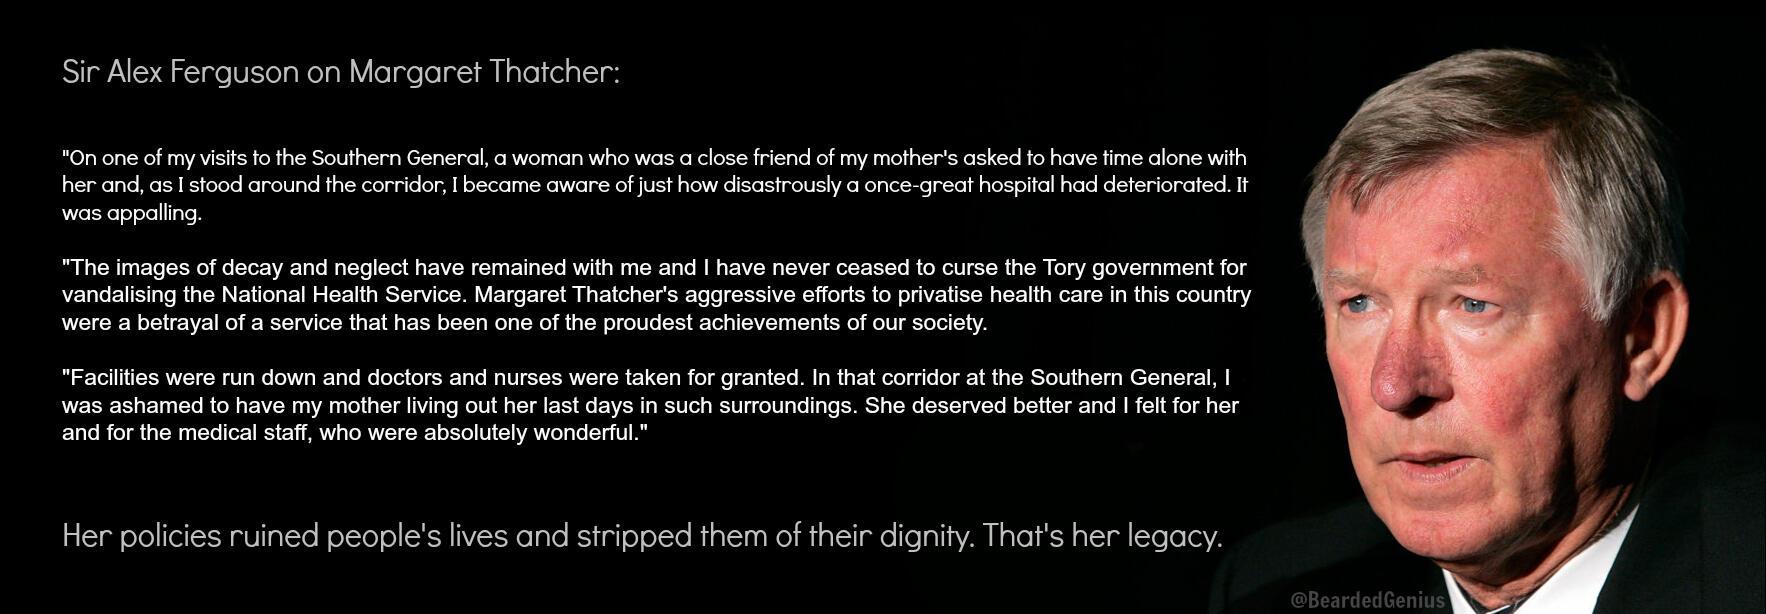 RT @BeardedGenius: Sir Alex Ferguson on Margaret Thatcher. http://t.co/PiP2tyTSrQ